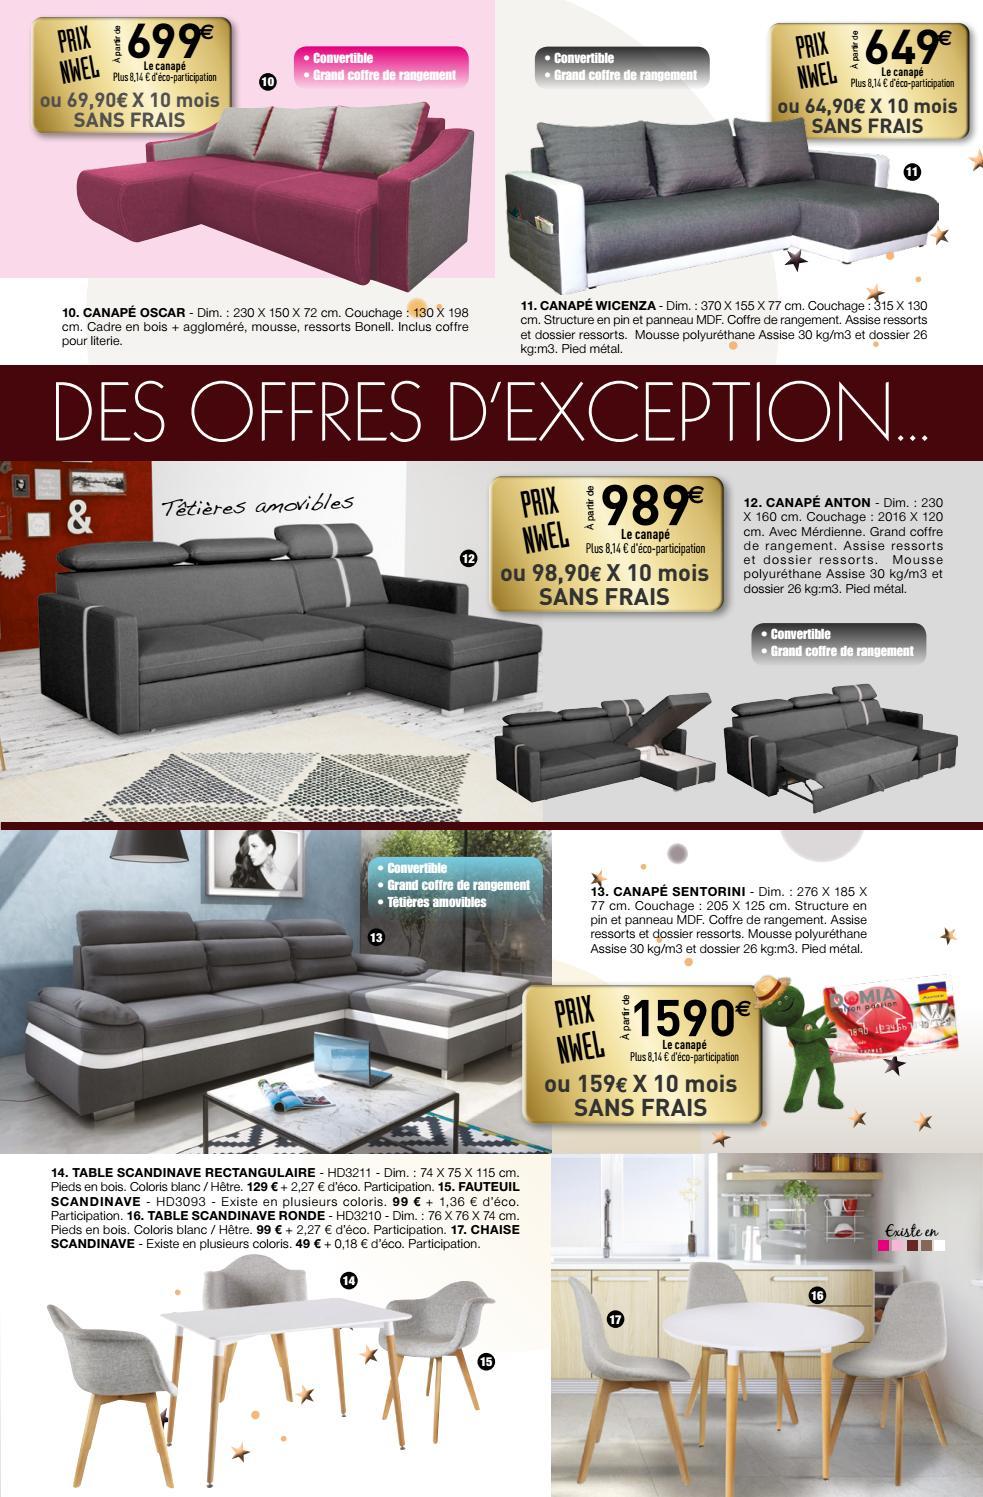 Mousse Polyuréthane 30 Kg M3 Canapé catalogue domia dÉcembre 2016domia - issuu